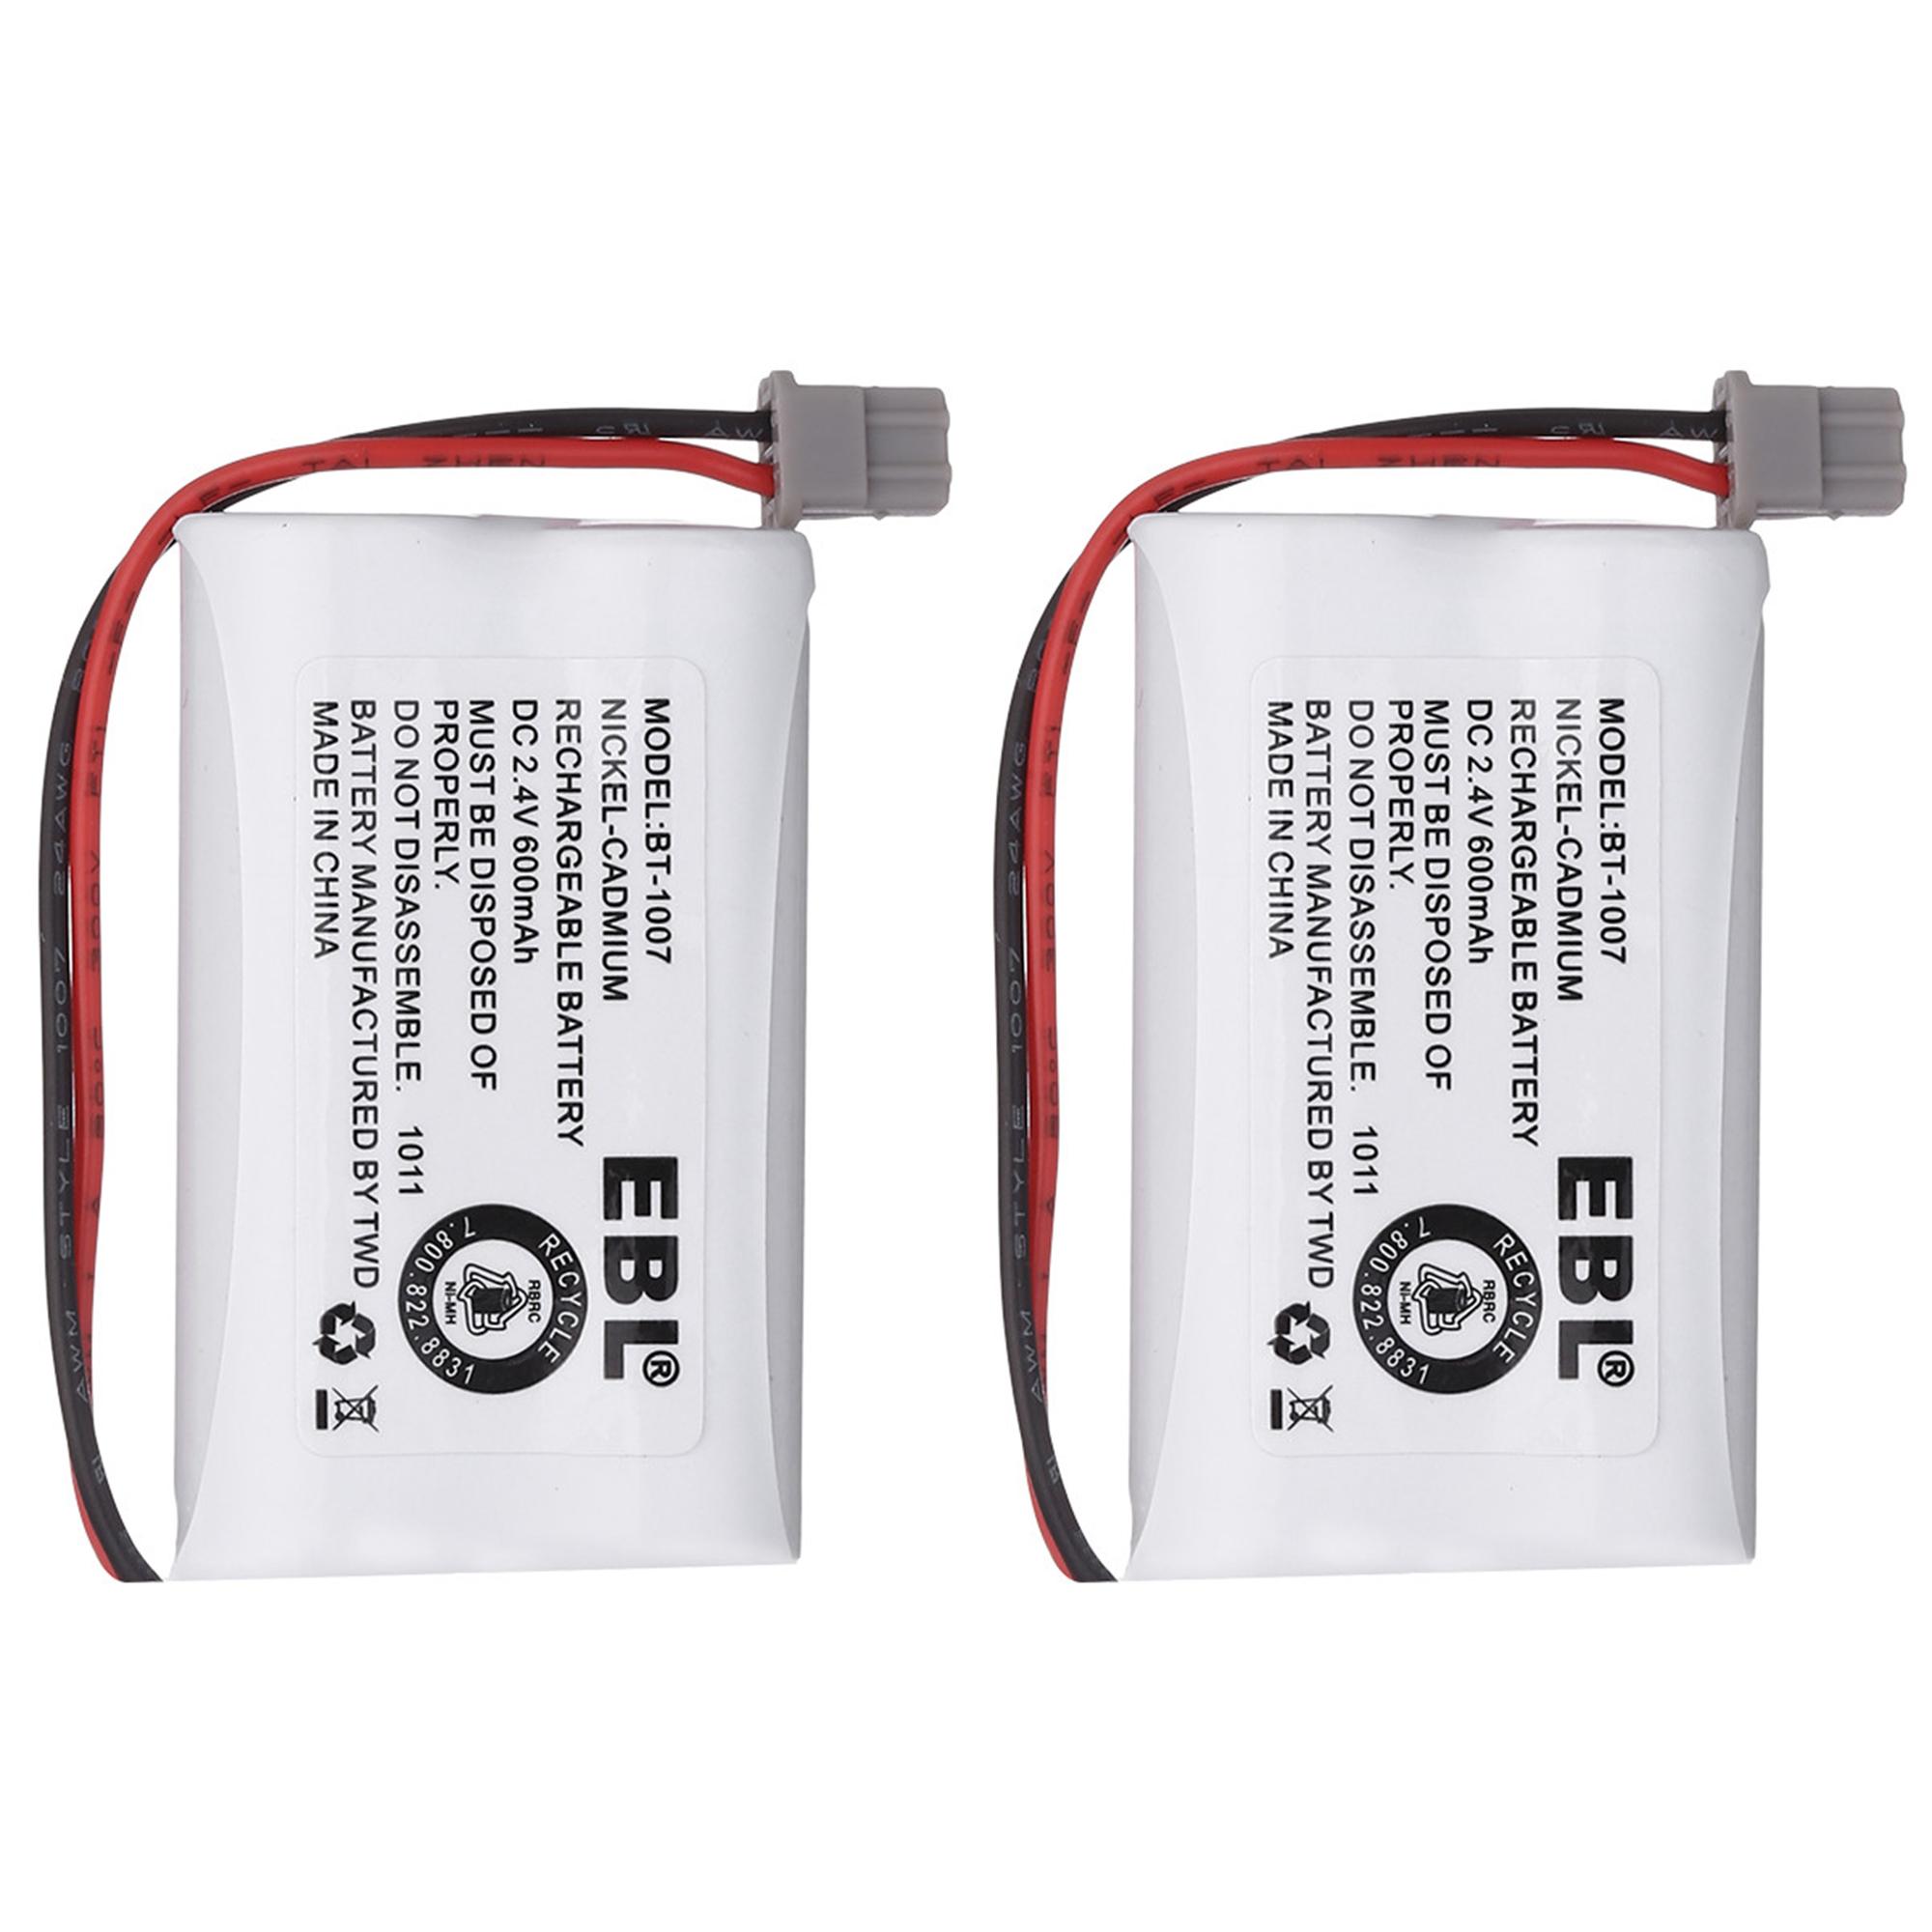 EBL 2-Pack 2.4v 600mAh Replacement Battery for Uniden BT1007, BT-1007, BT904, BT1015, BBTY0460001, BBTY0510001, BBTY0624001, DCX150, DECT1500 Panasonic HHR-P506, HHR-P506A